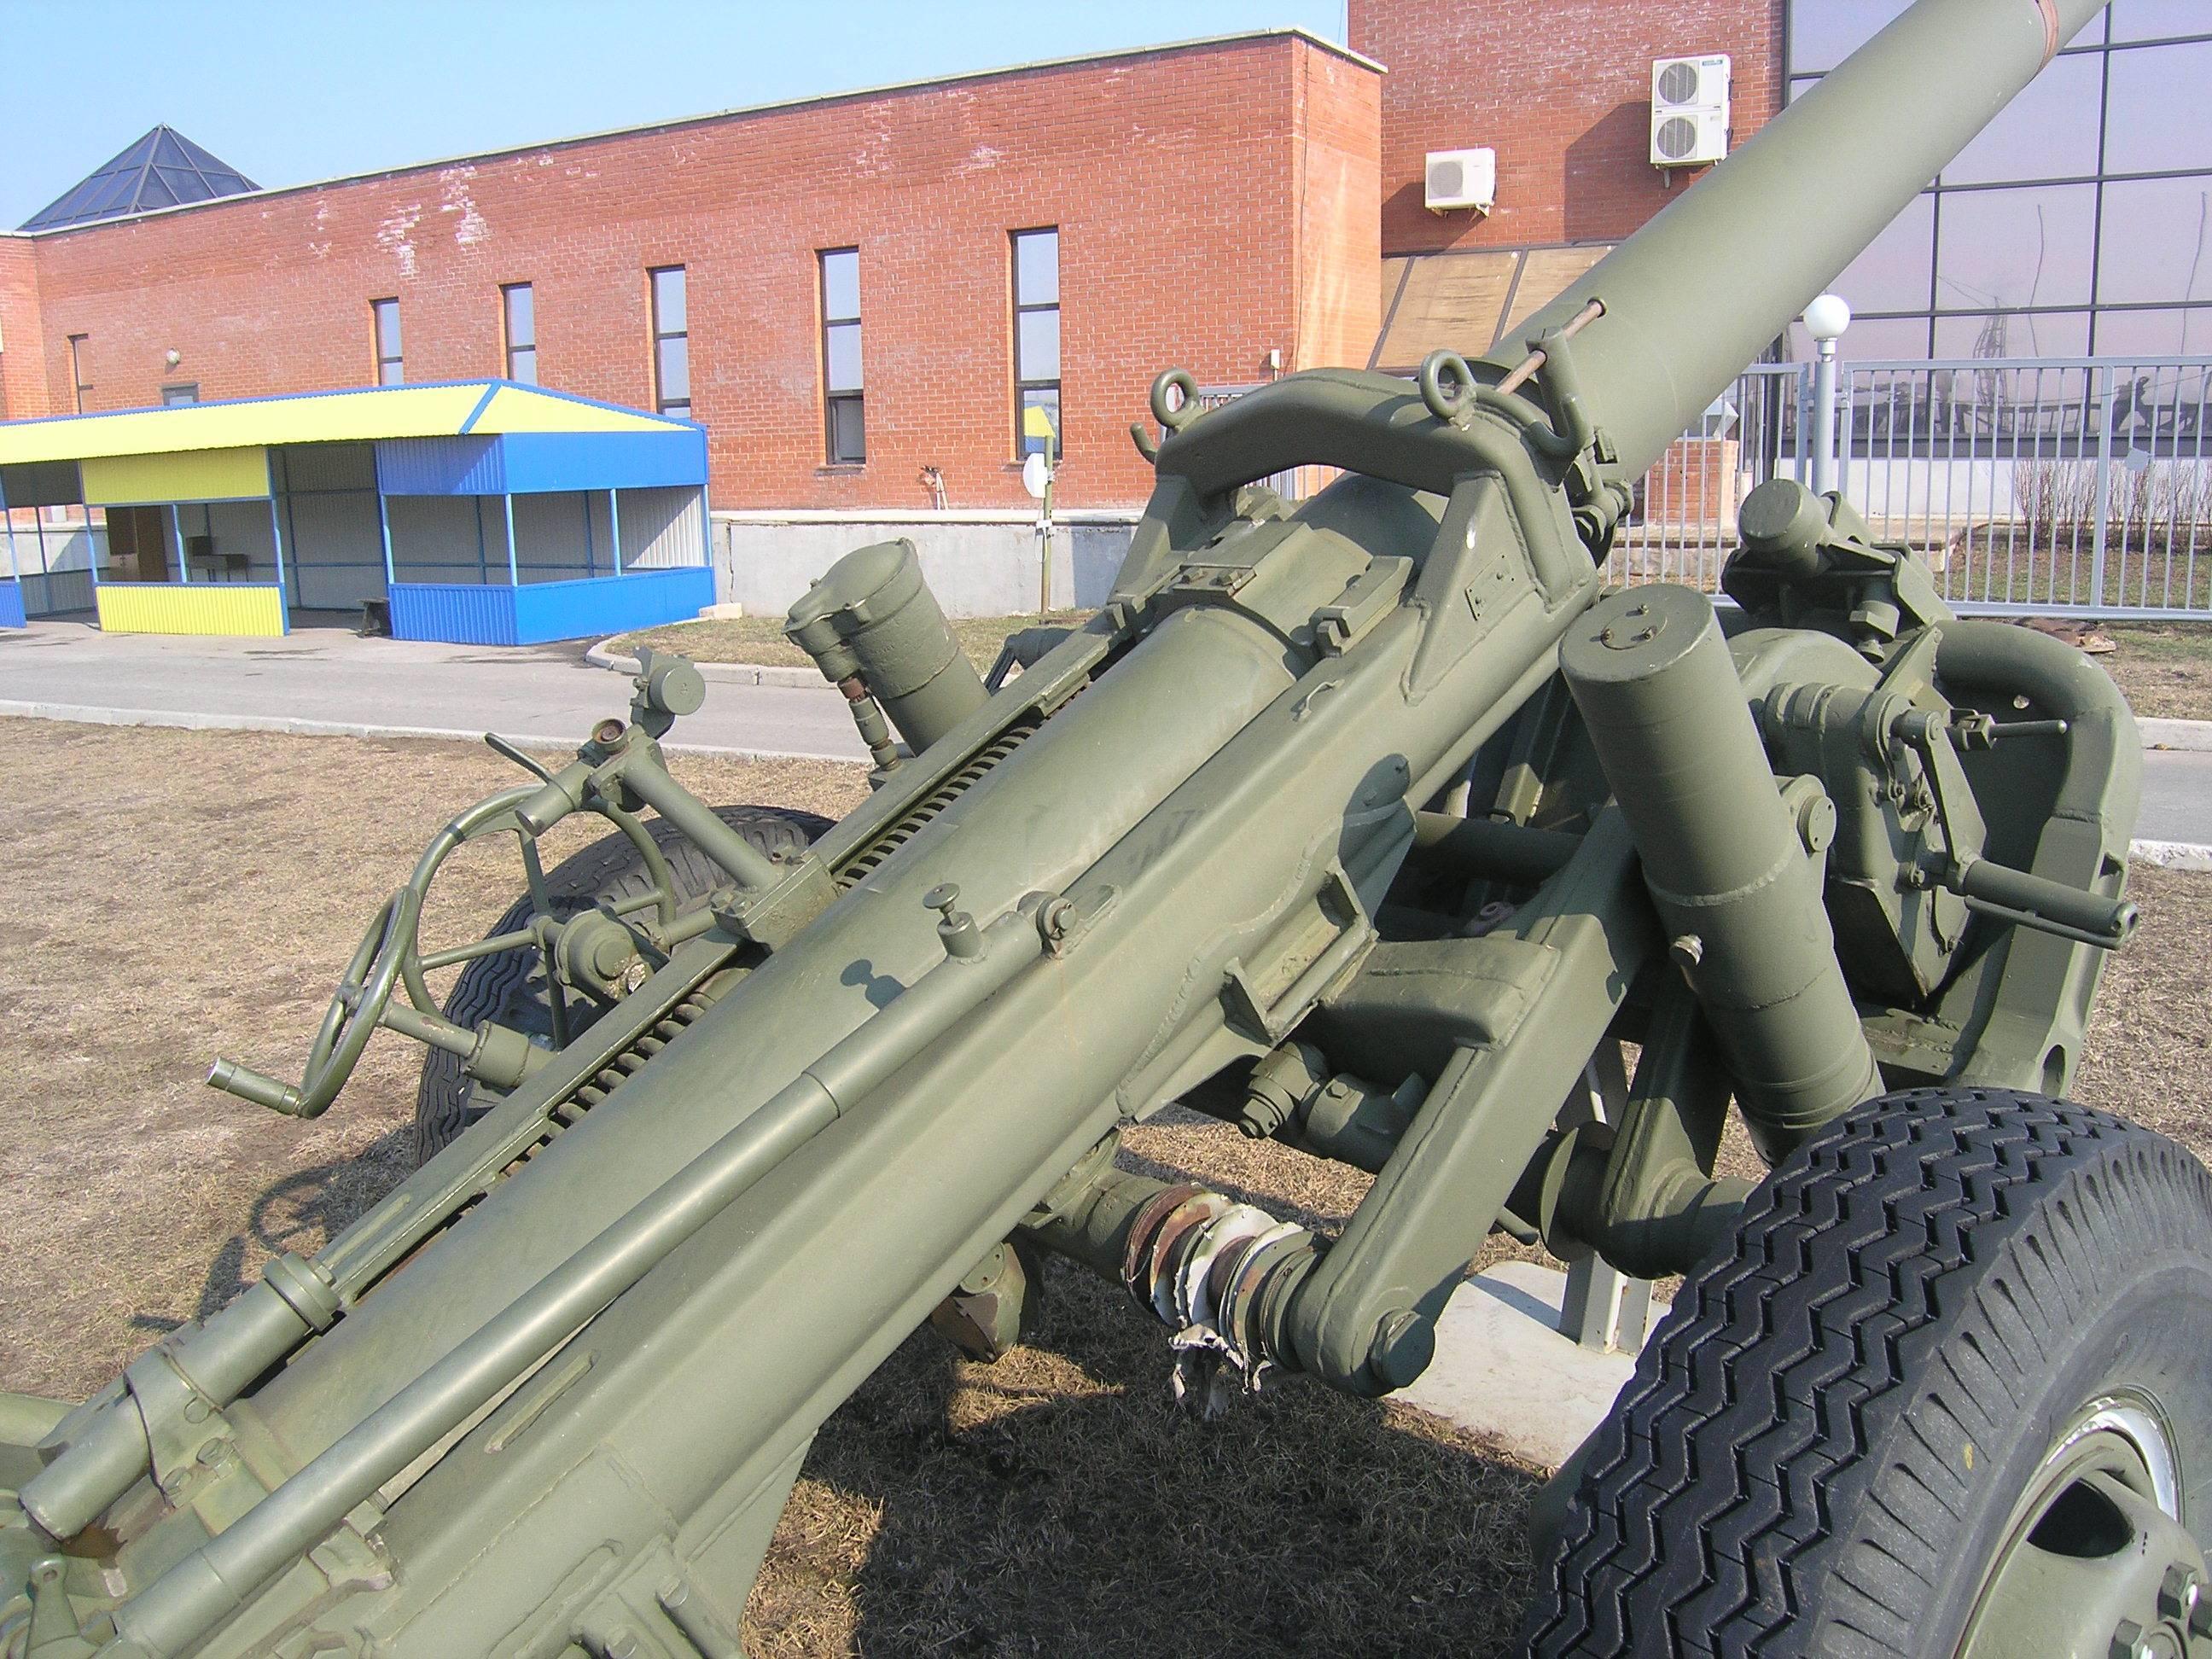 Советский 240-мм миномет М-240 1950 года – тяжелое вооружение стрелковых частей